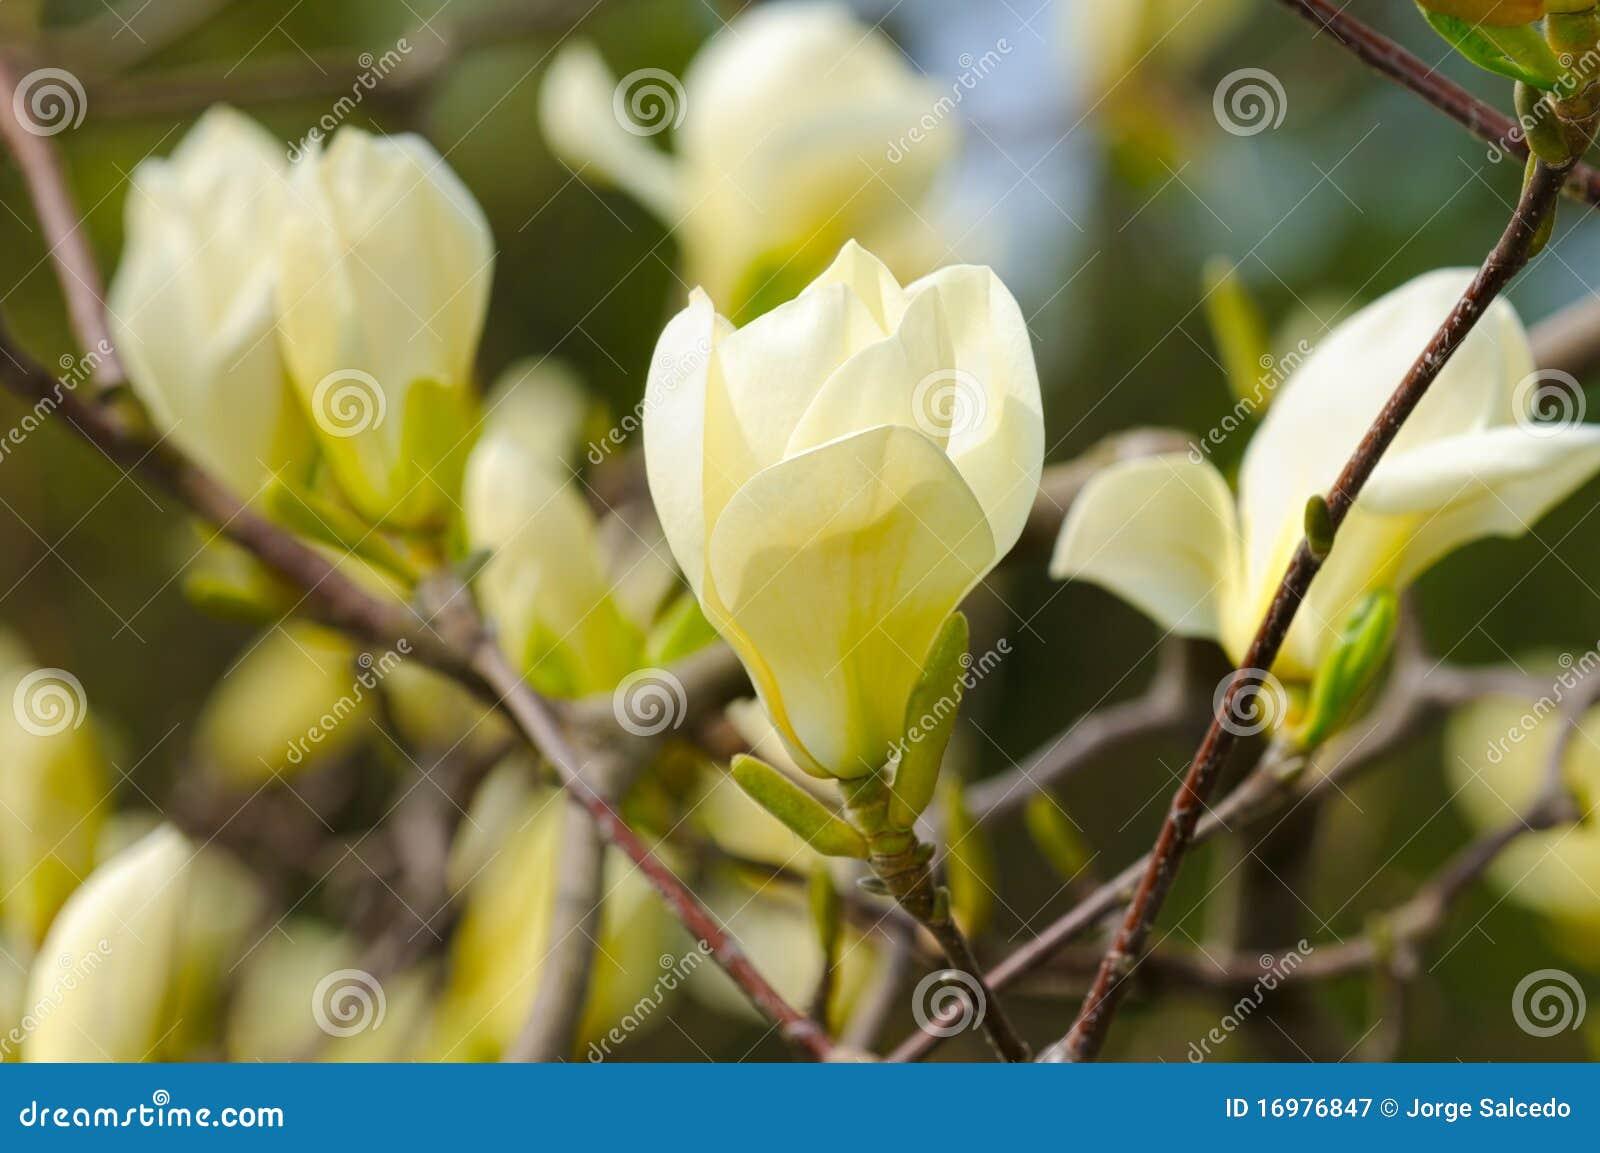 gelbe magnolie stockbild bild von mischling gartenbau. Black Bedroom Furniture Sets. Home Design Ideas